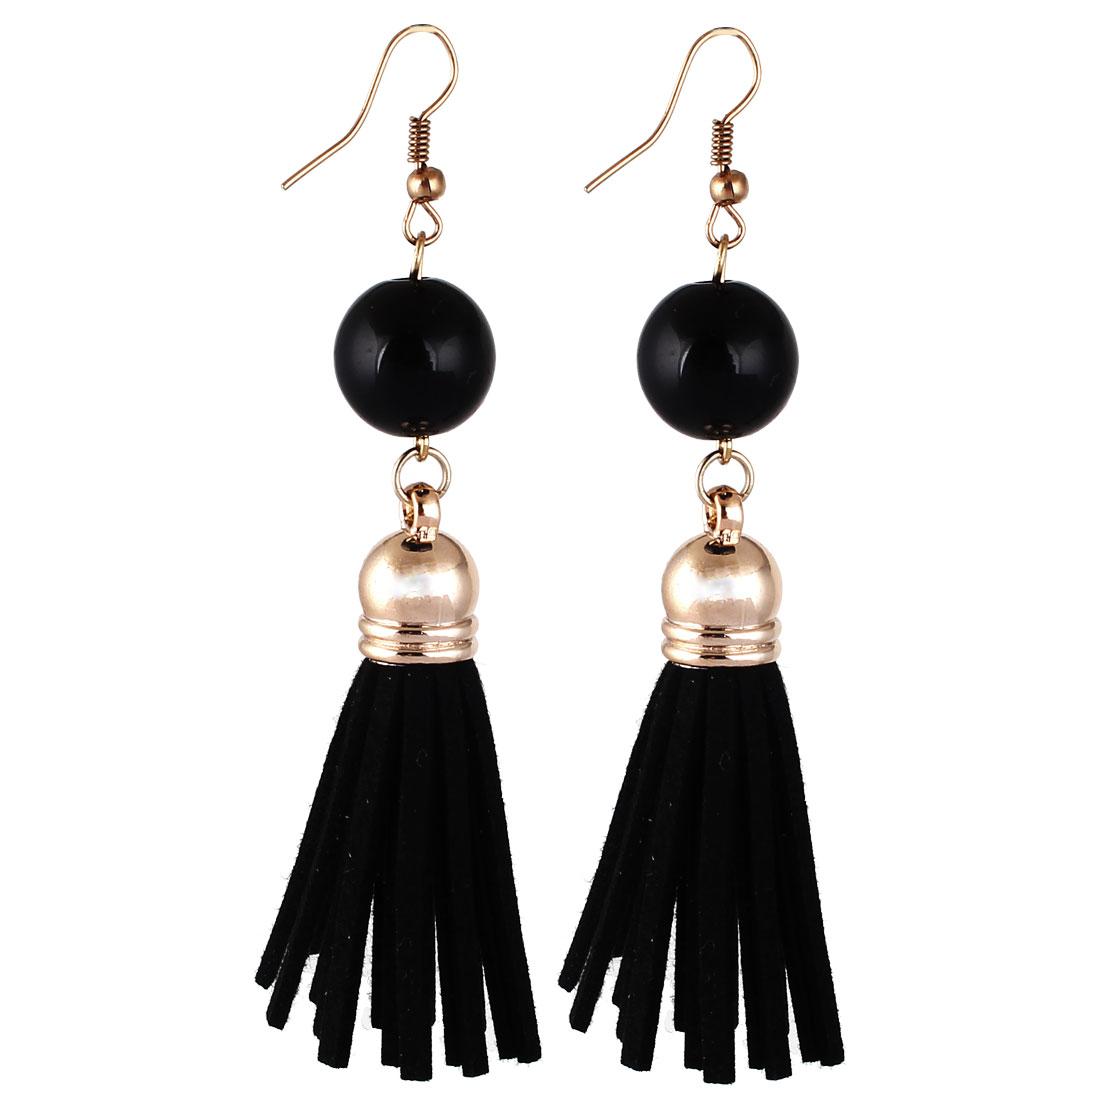 Lady Women Fashion Jewelry Bead Decor Long Tassel Dangle Earrings Pair Black